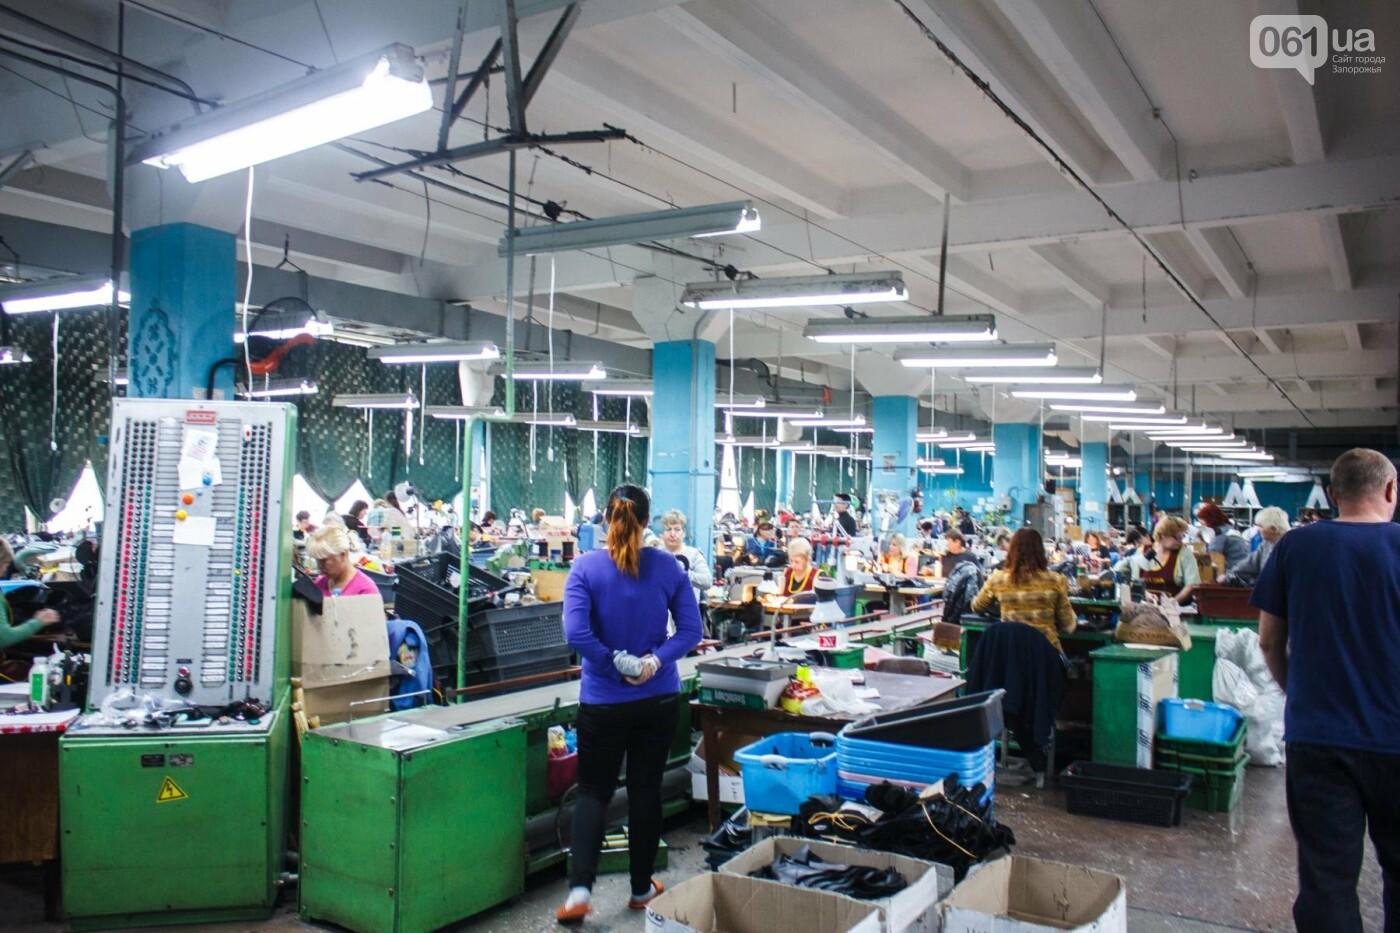 Как создается обувь: экскурсия на запорожскую обувную фабрику, – ФОТОРЕПОРТАЖ, фото-45